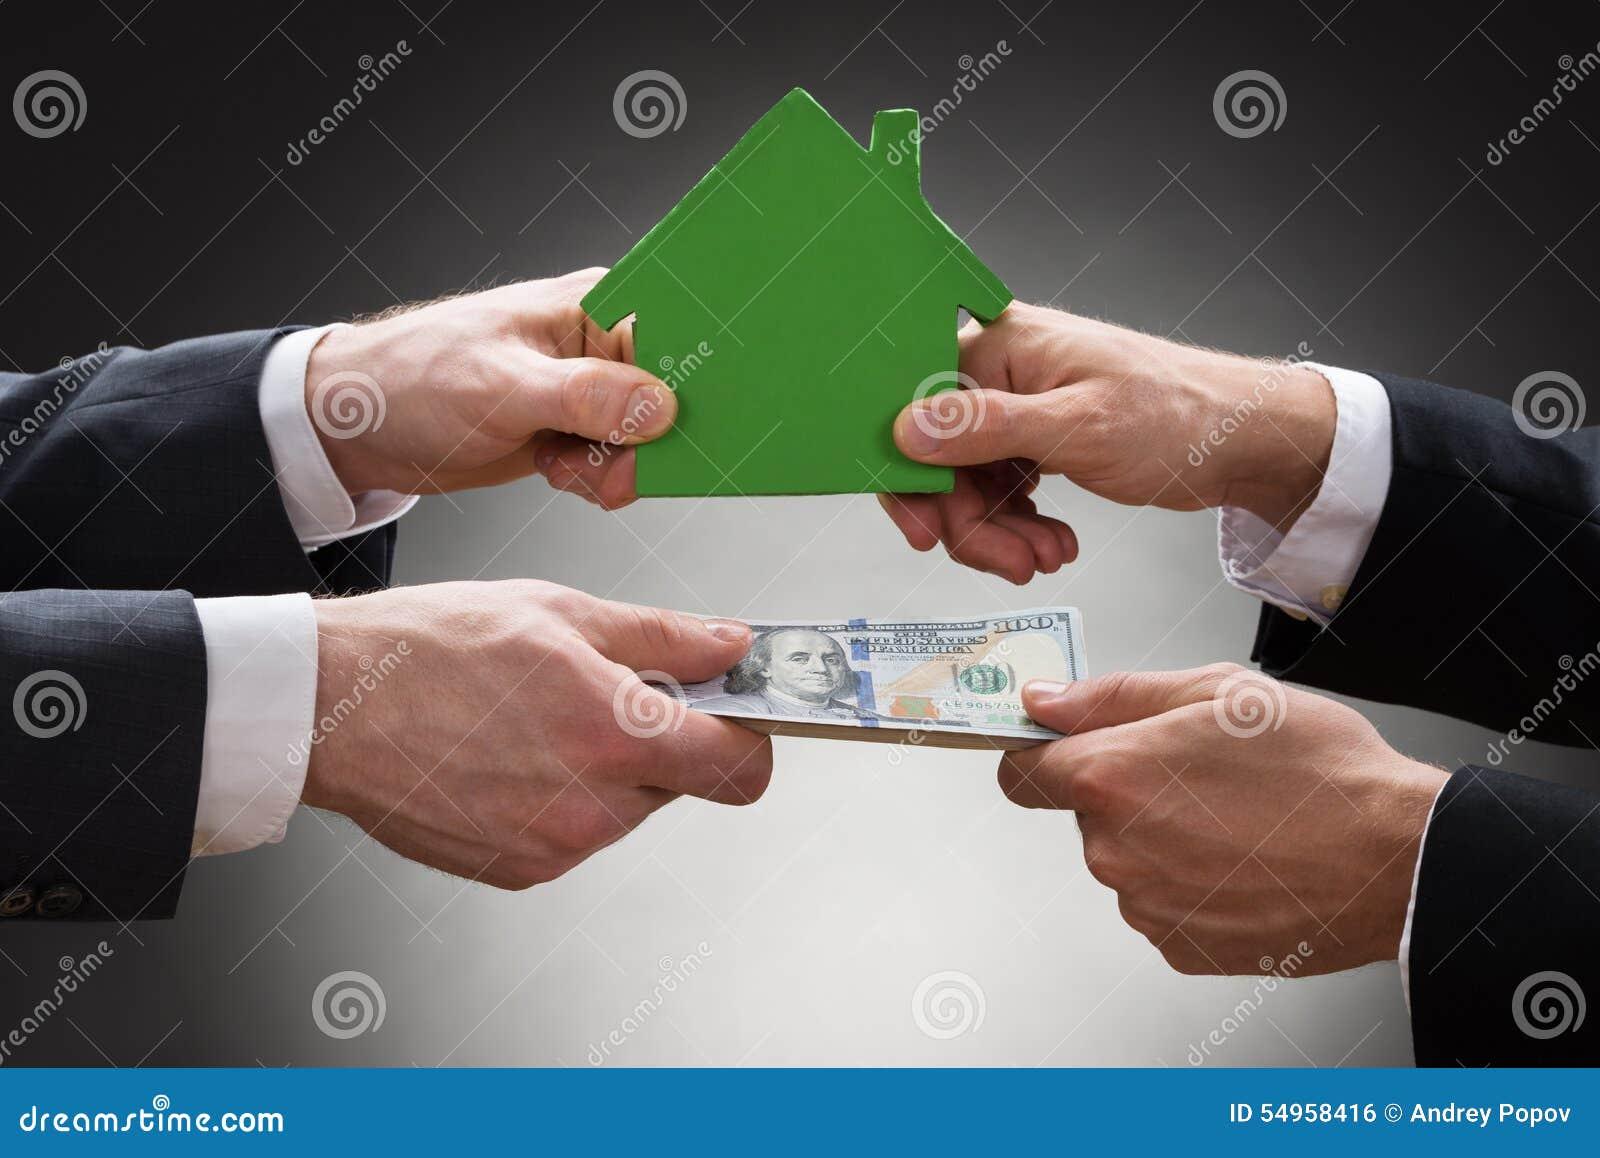 займ под погашение займов